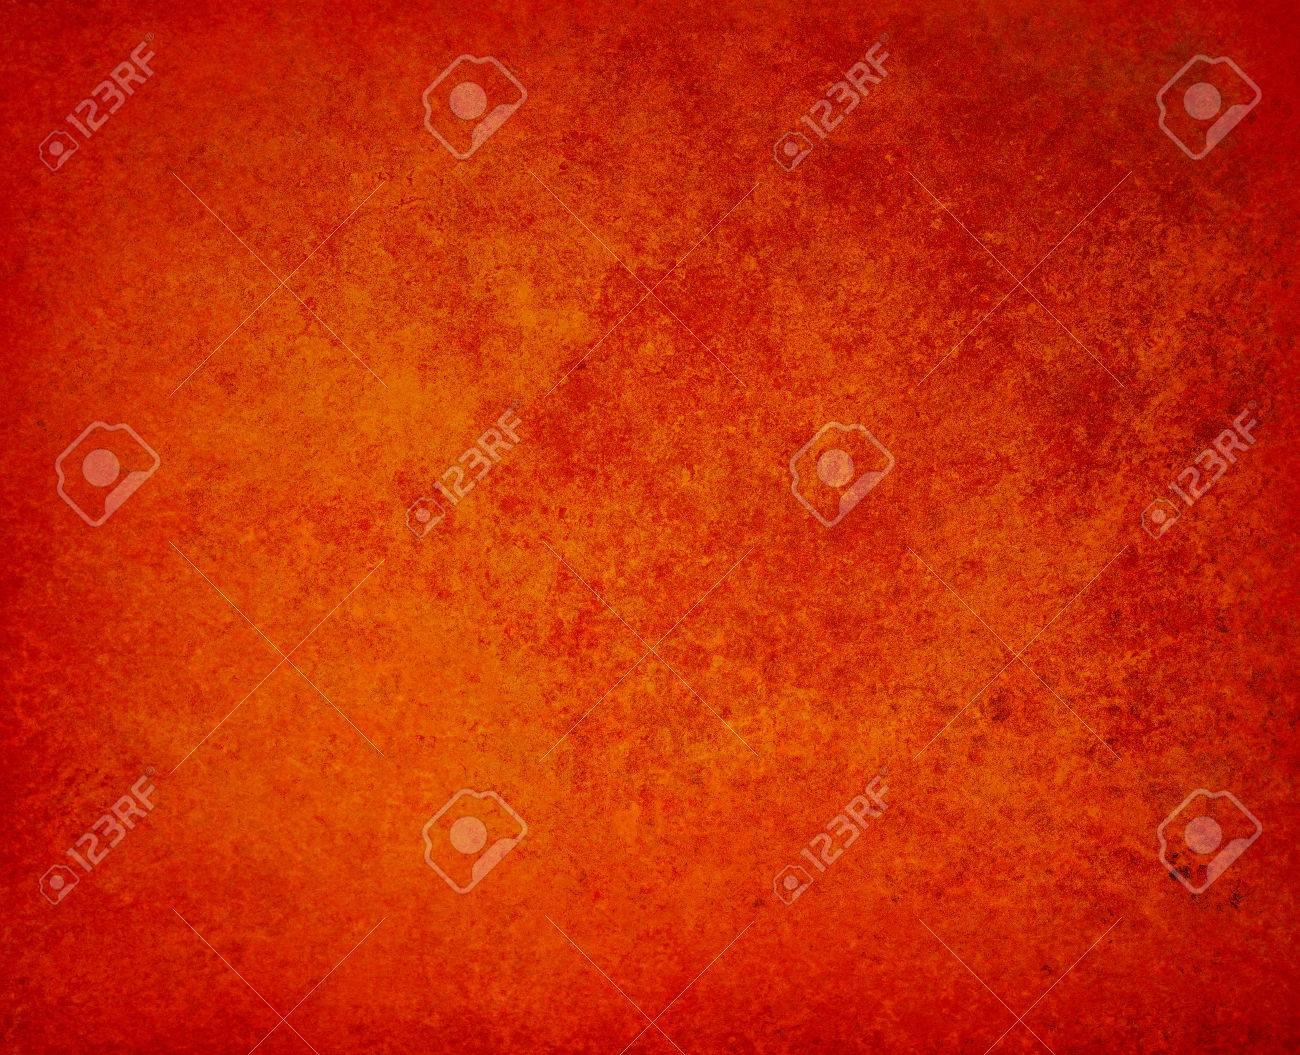 Peinture À L Éponge Sur Mur résumé orange fond rouge couleurs chaudes frontalières avec une éponge  grunge vintage texture de fond, affligé peinture smeary rude sur le mur,  toile